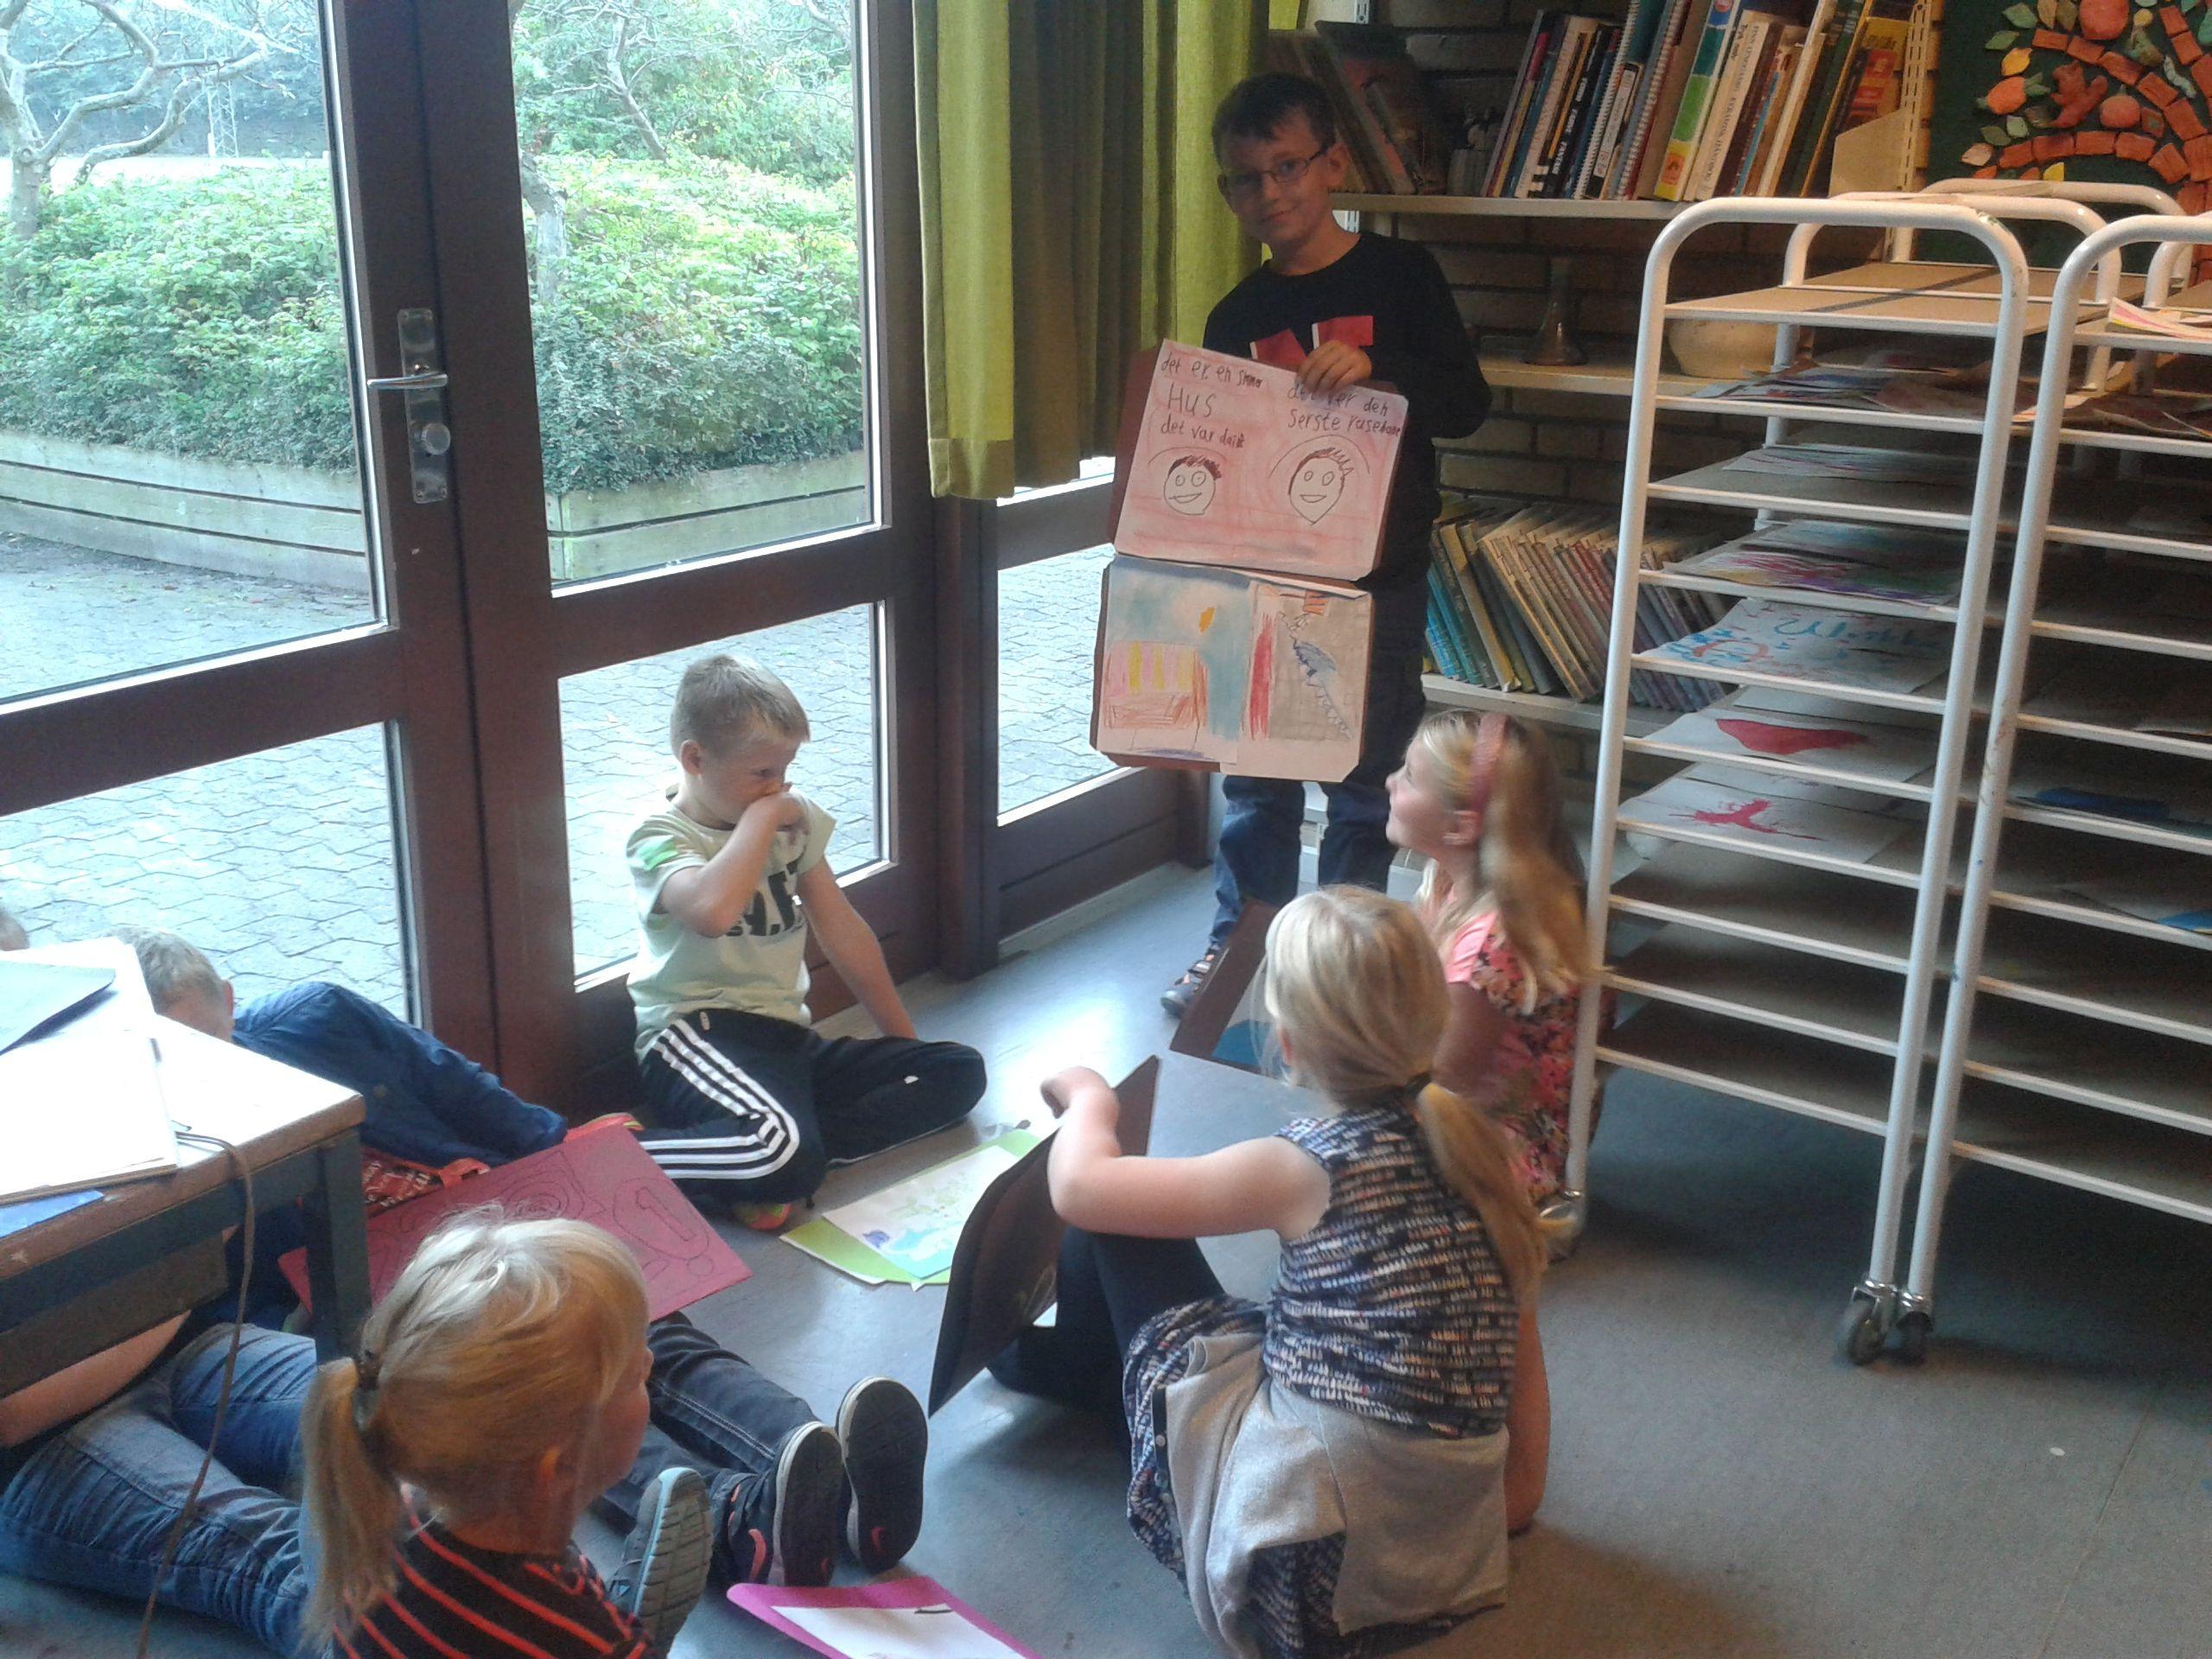 Feriekuffert klasse Fremlæggelse af feriekuffert i små grupper